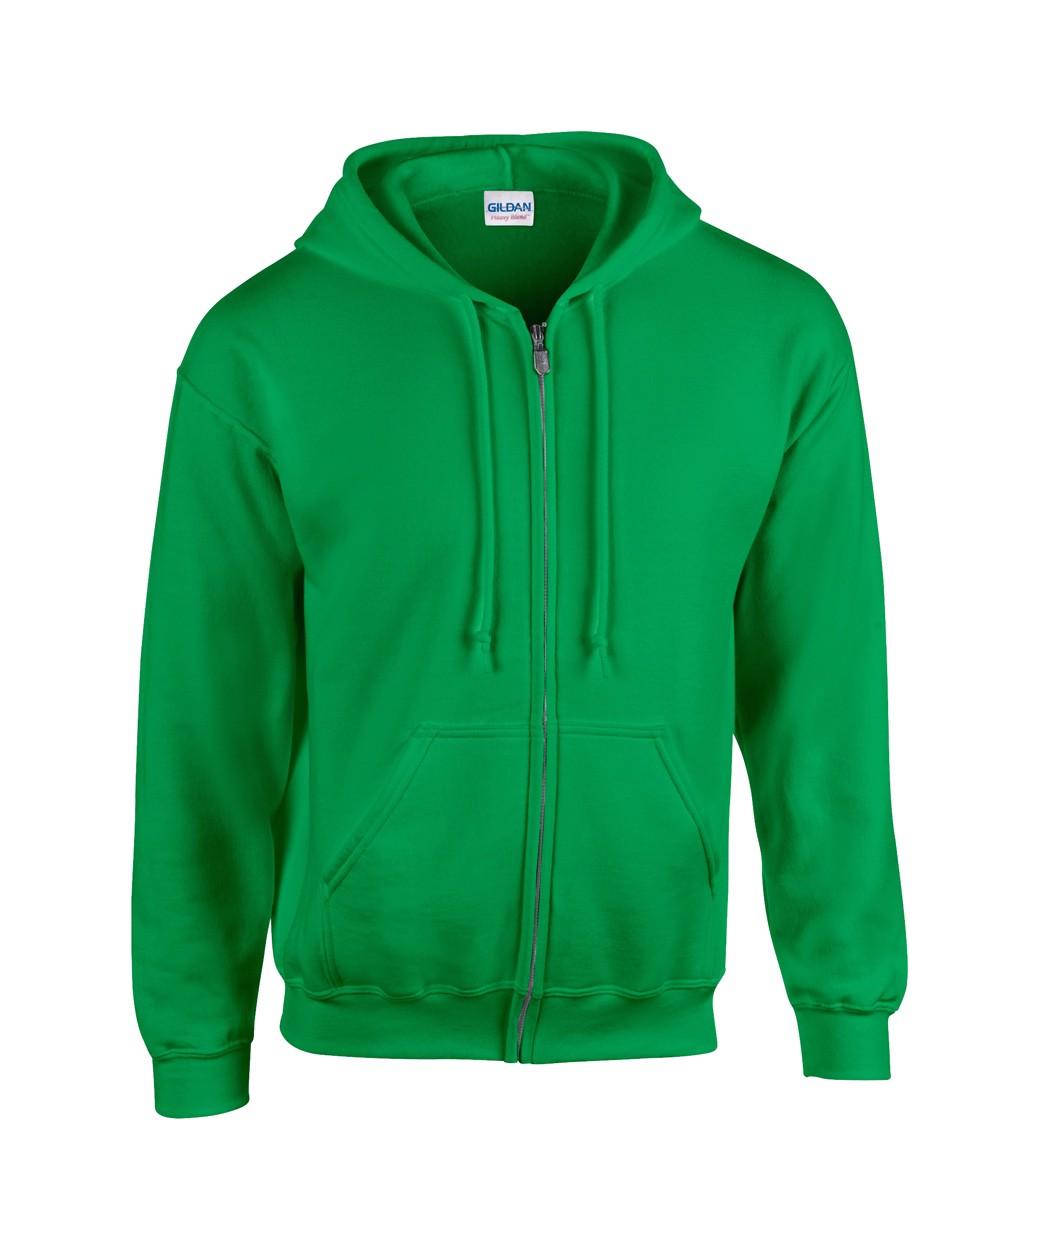 Mikina HB Zip Hooded - Středně Zelená / M